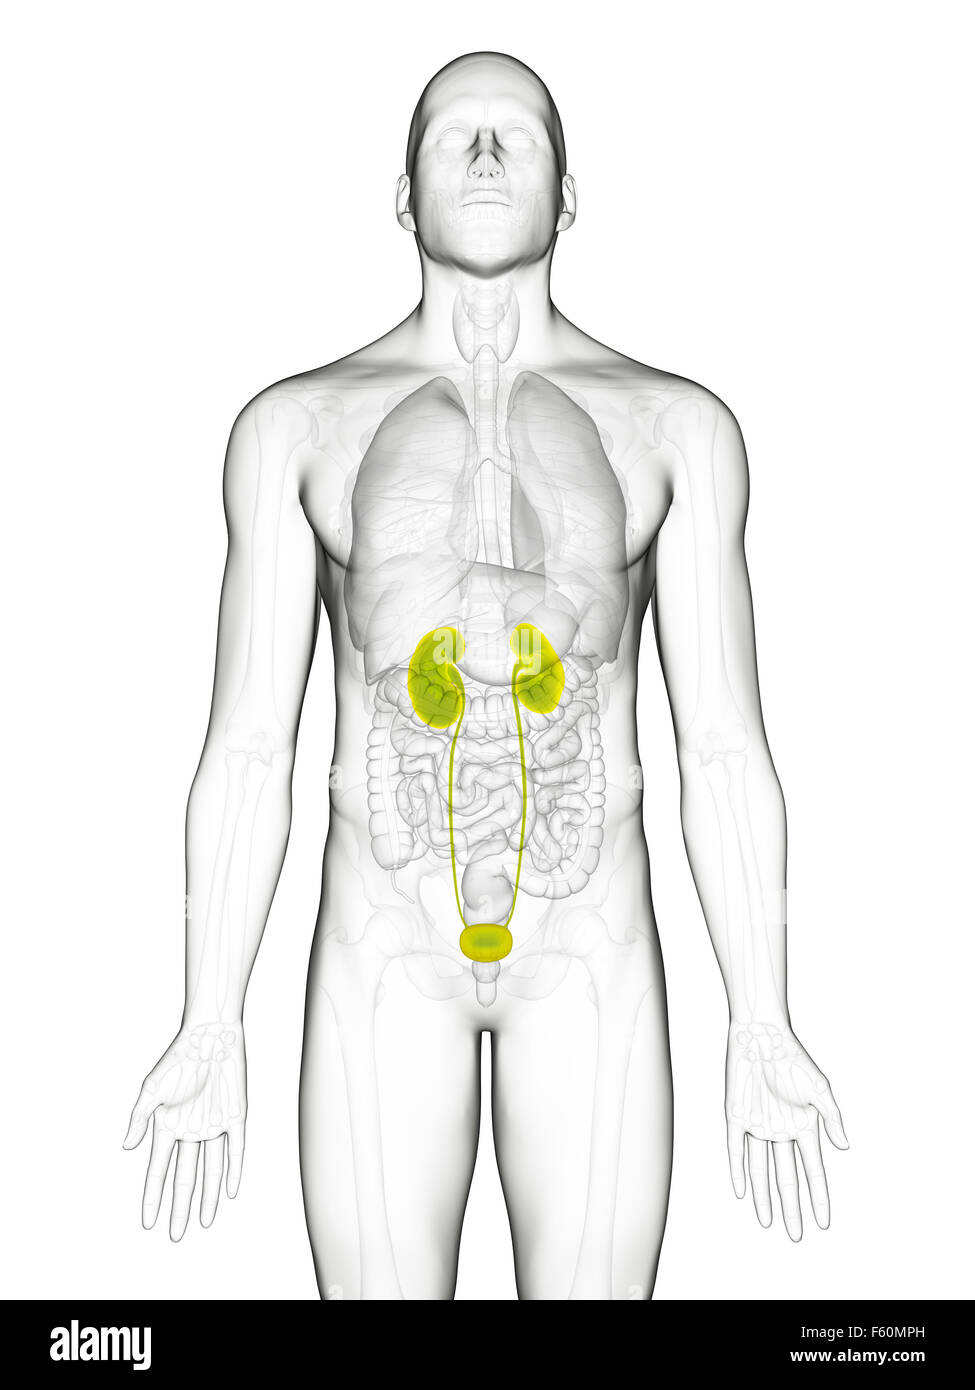 Ziemlich Menschliche Körper Harnsystem Fotos - Menschliche Anatomie ...